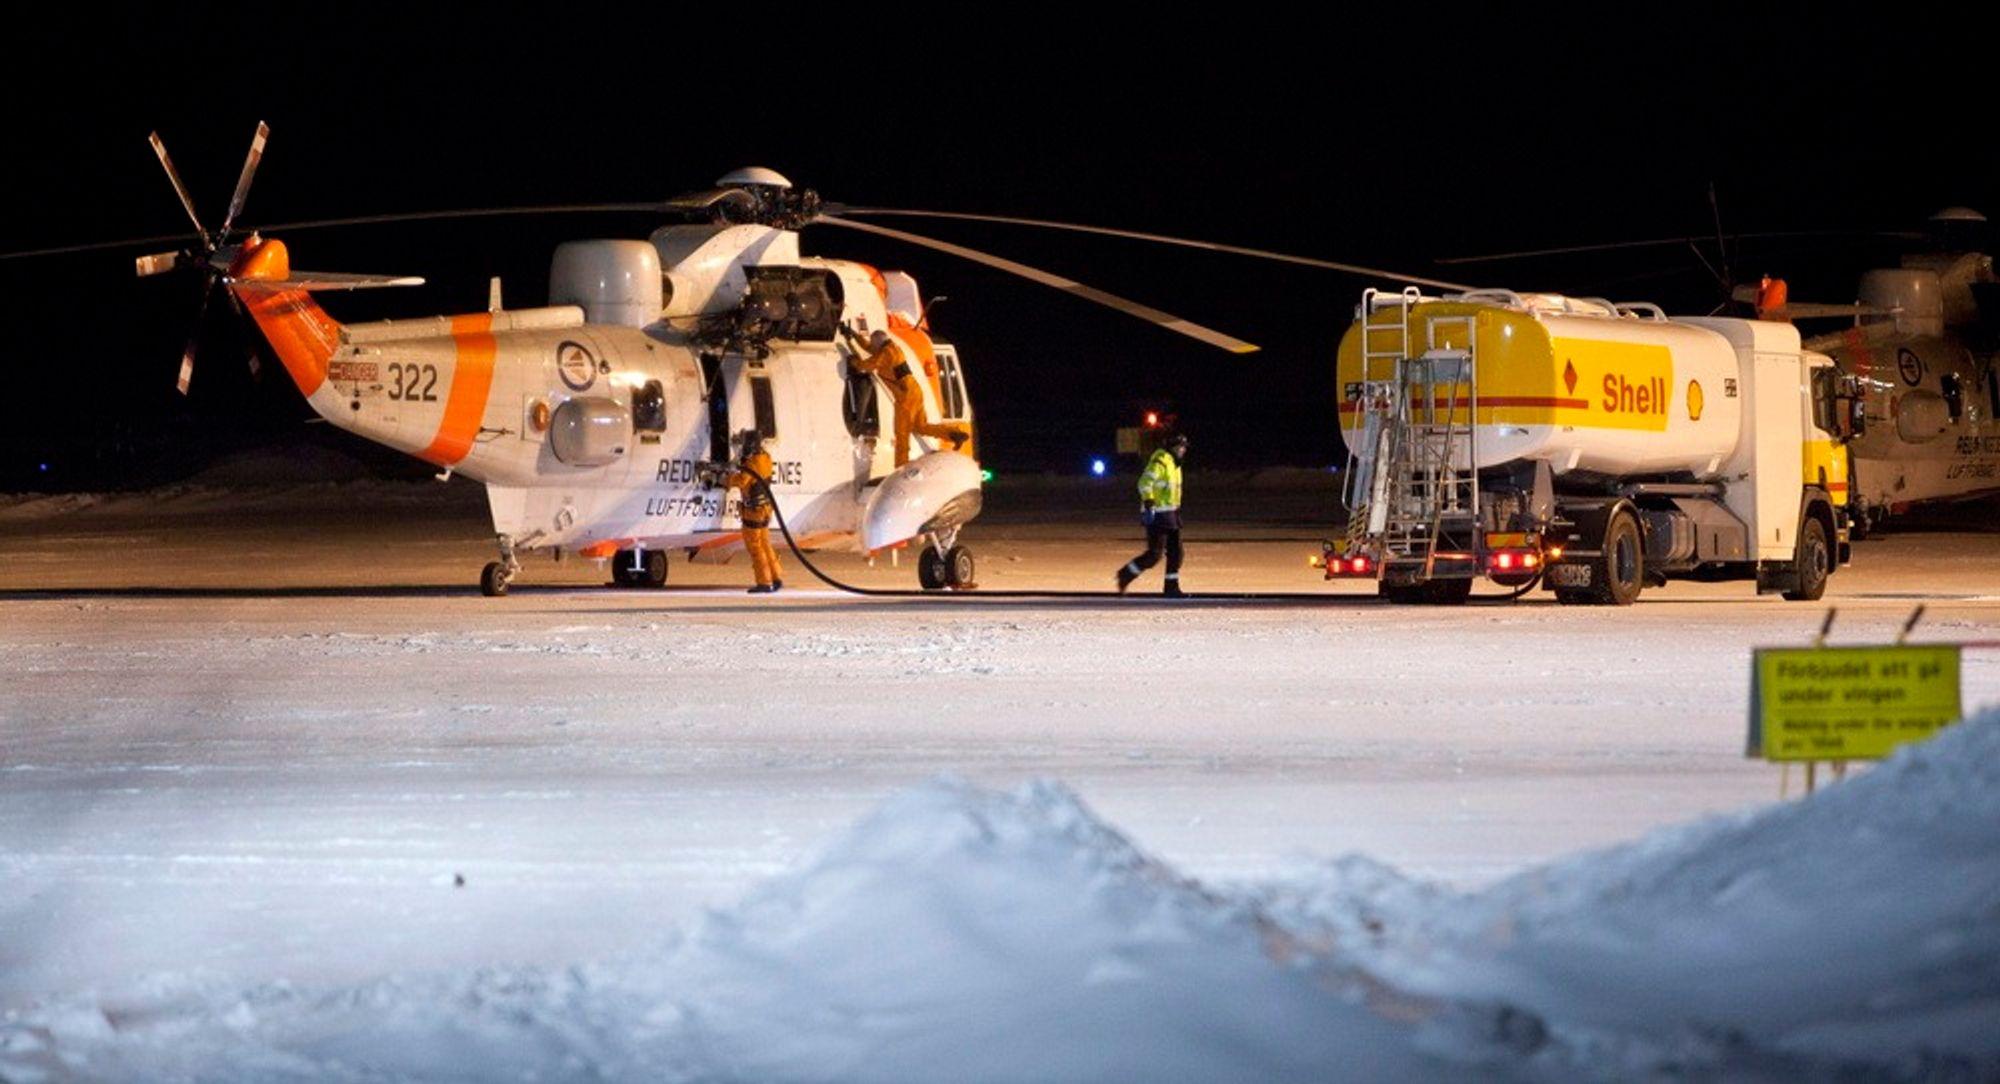 To norske Sea King redningshelikoptre på flyplassen i Kiruna torsdag kveld. Maskinene deltok i letingen etter et savnet norsk Hercules-fly som ble borte på tur mellom Evenes og Kiruna torsdag ettermiddag.